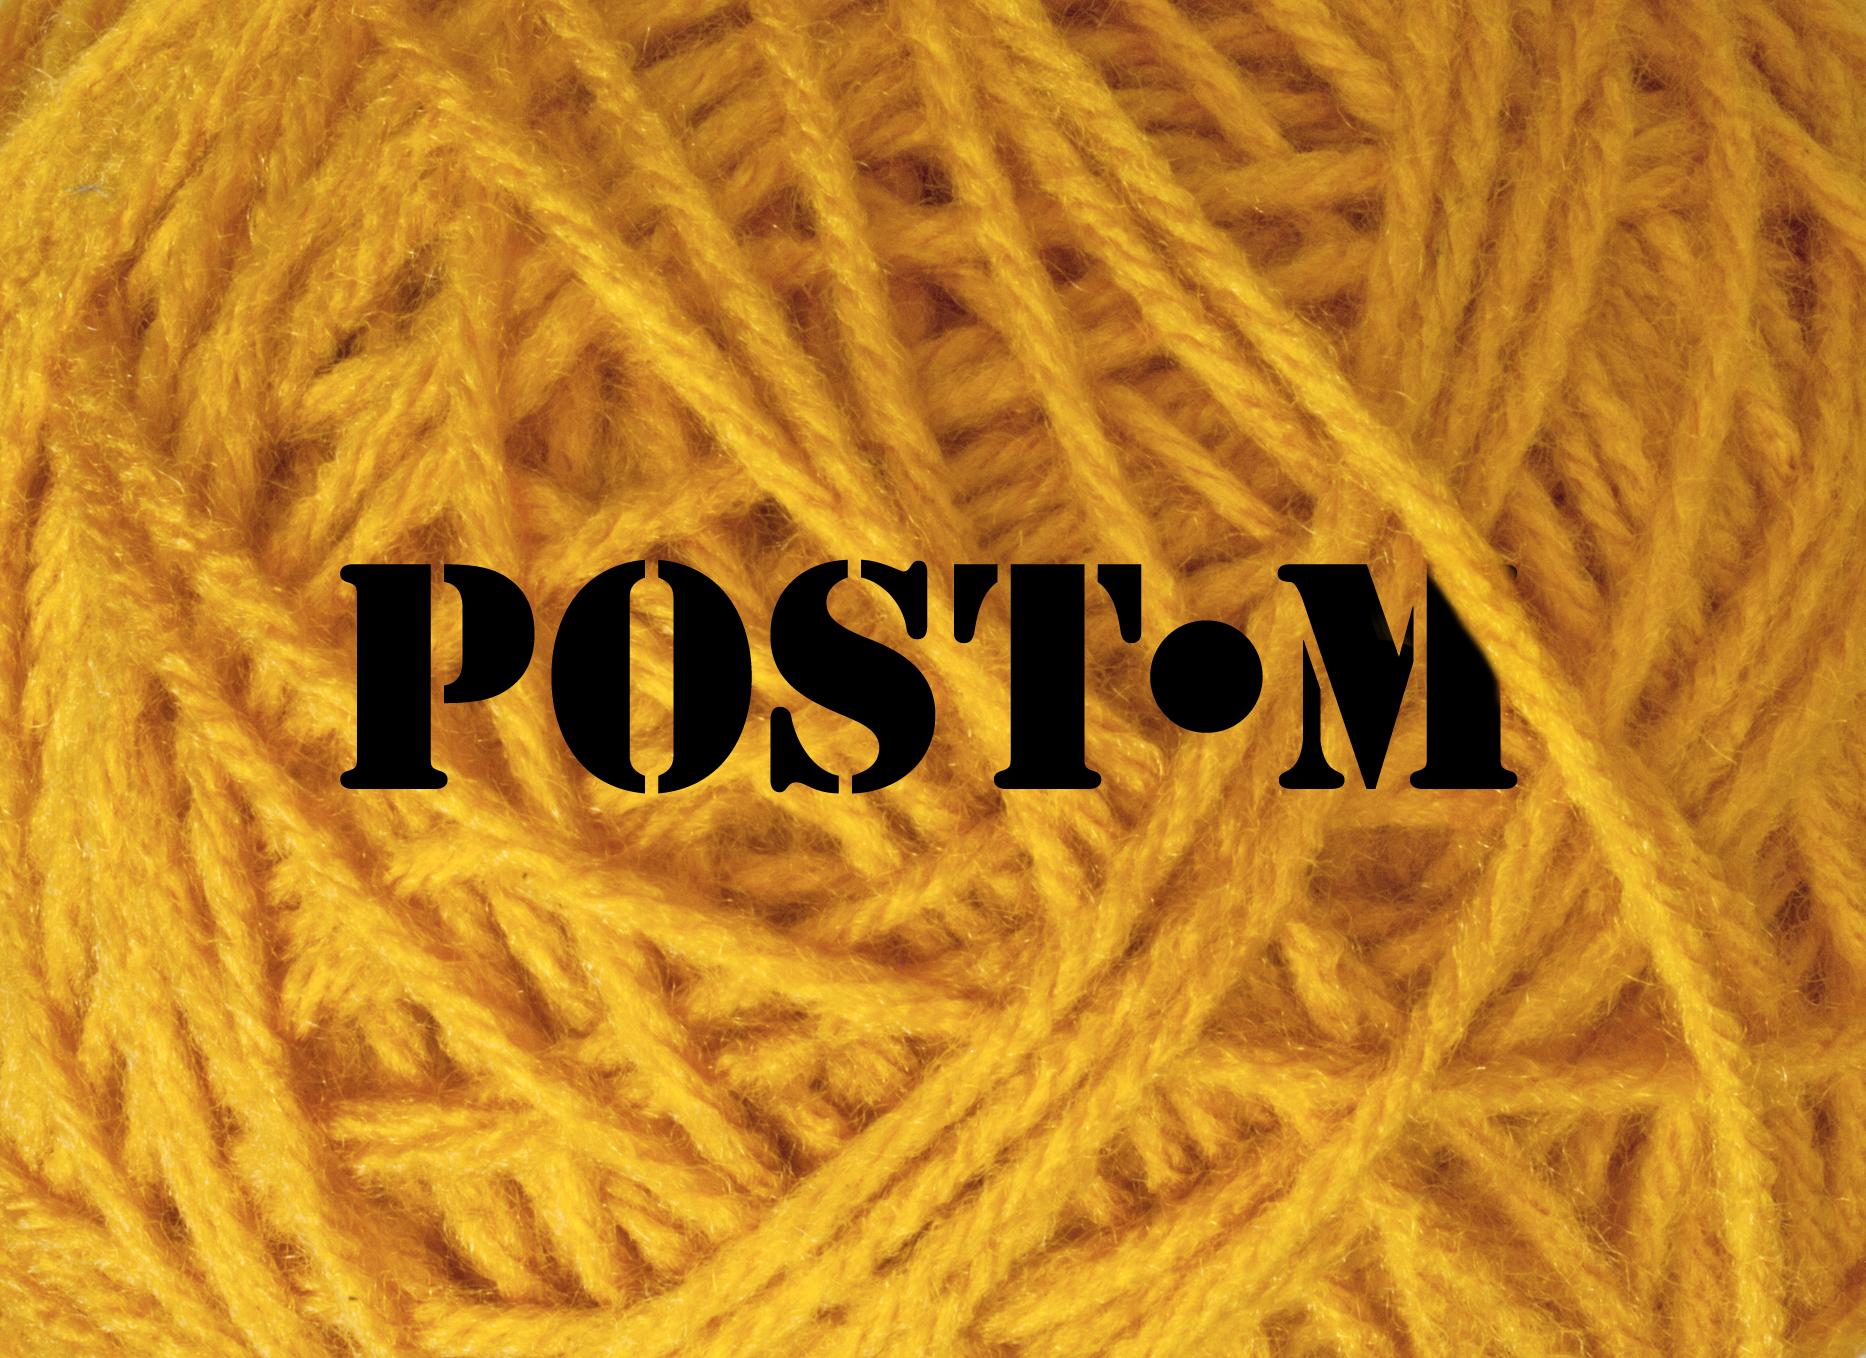 Post-M